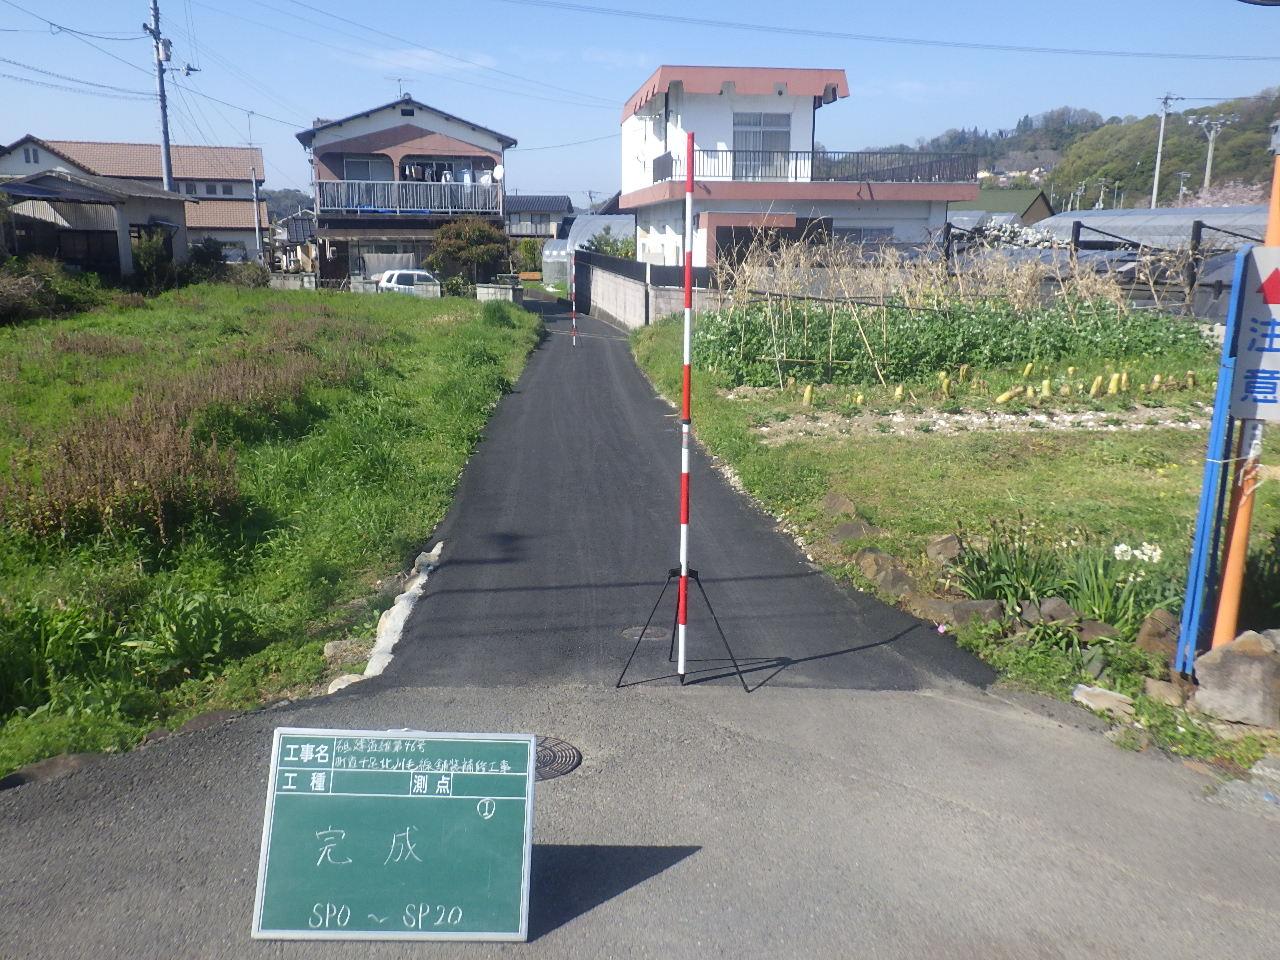 砥建道維第46号 町道千足北川毛線舗装補修工事